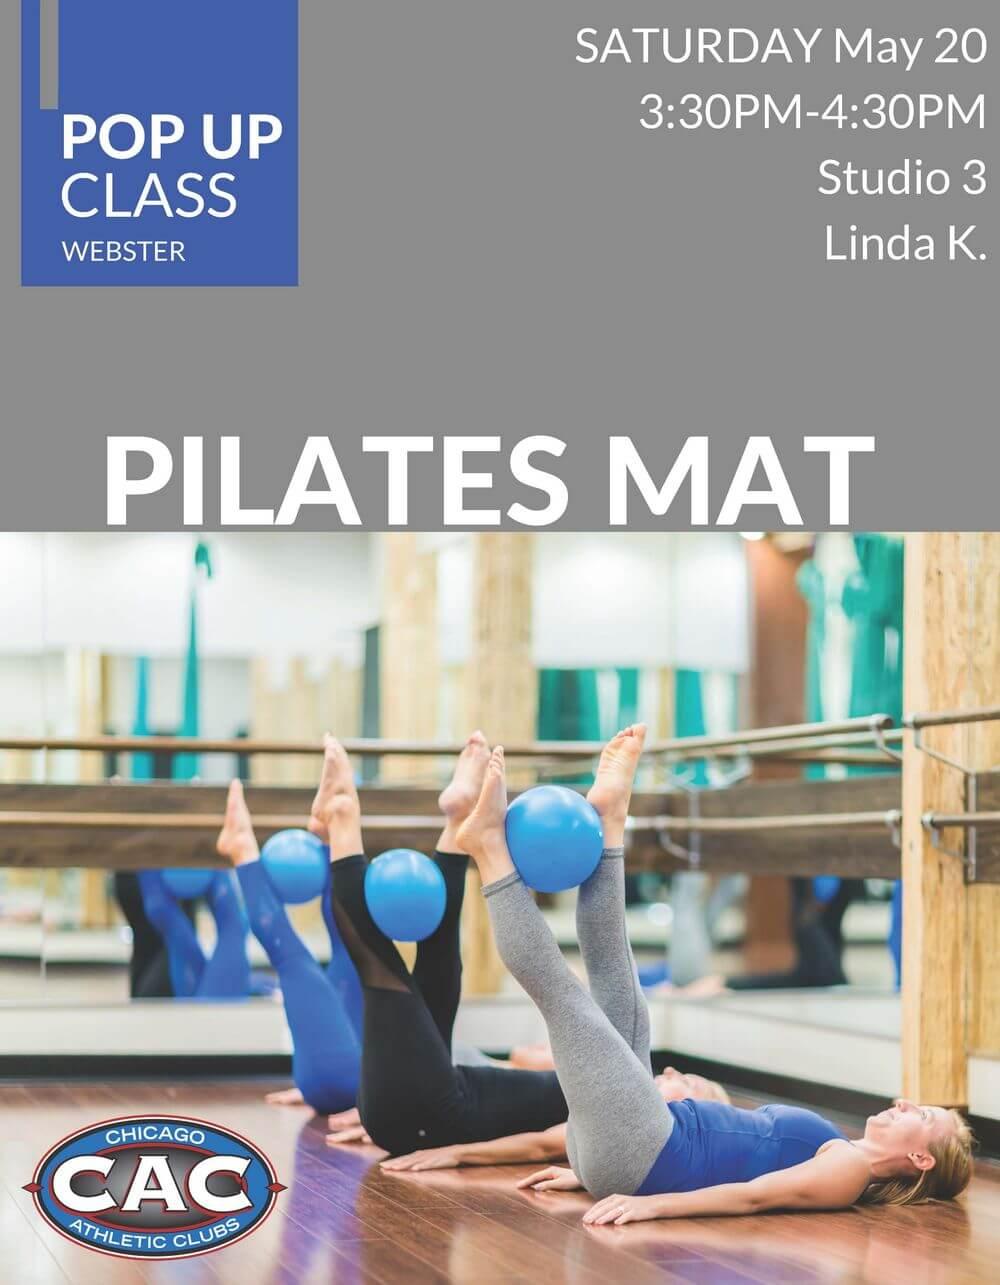 POP UP Pilates Mat final WEBSTER.jpg